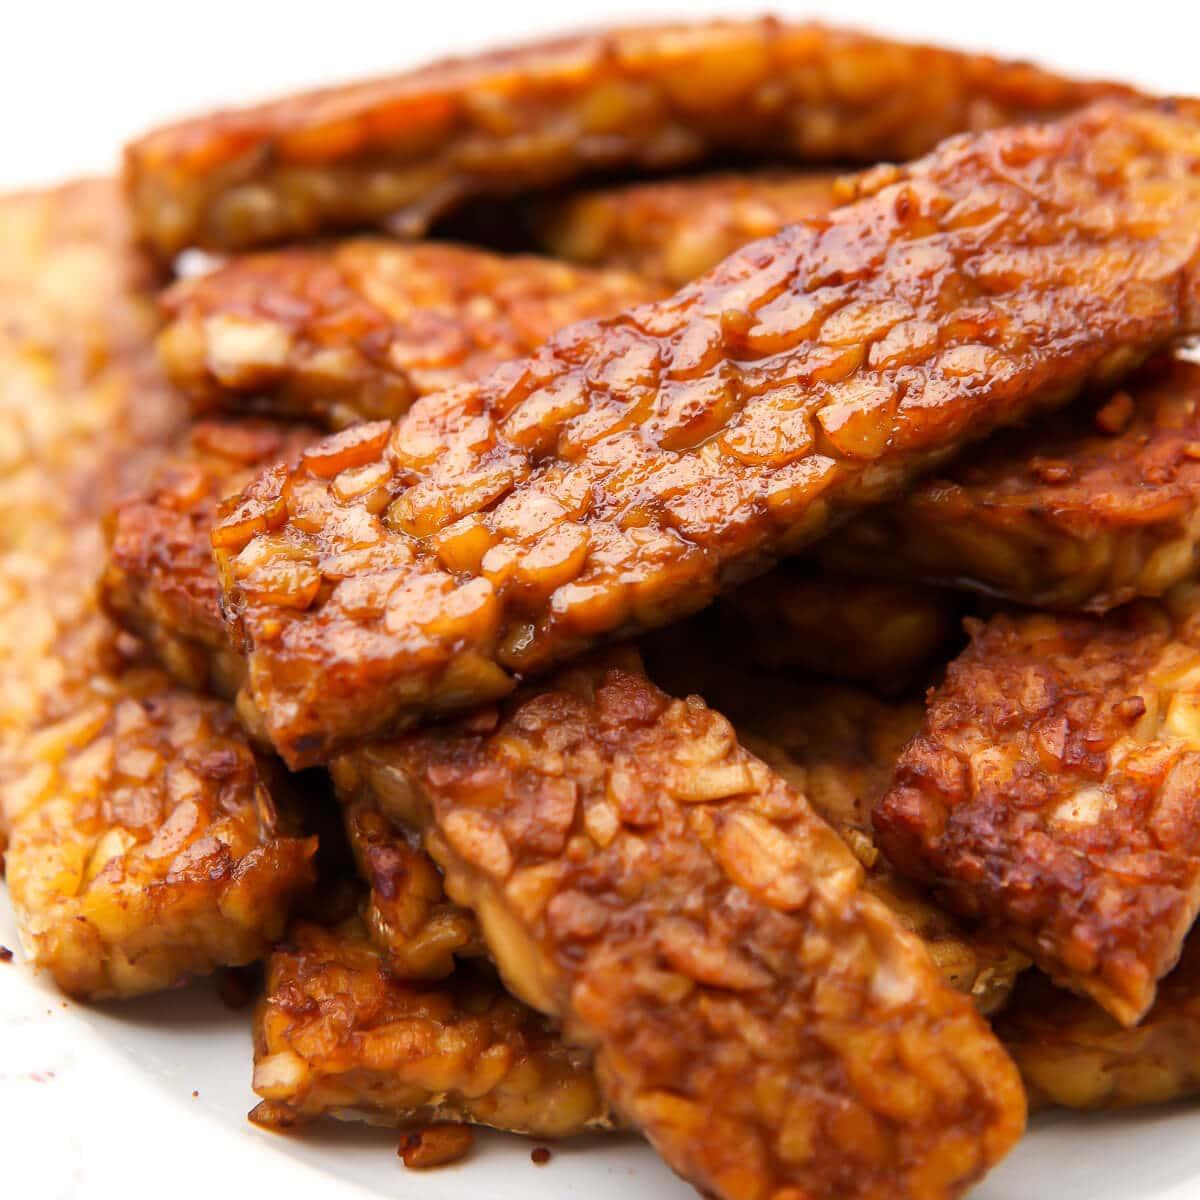 Tempeh Bacon - Vegan Bacon - The Hidden Veggies